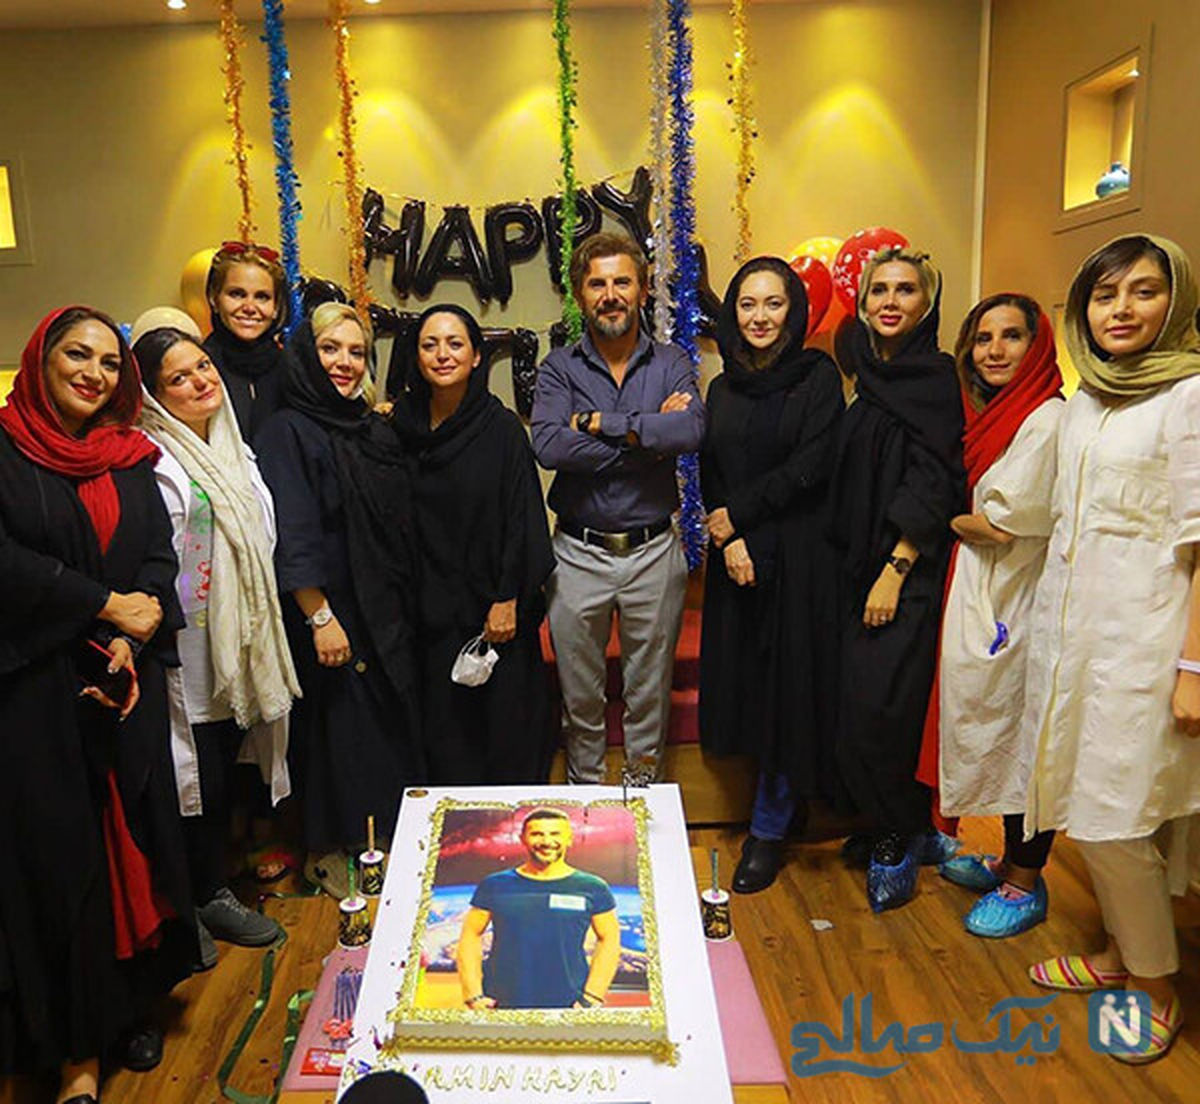 چهره زیبای نیکی کریمی در جشن تولد+عکس